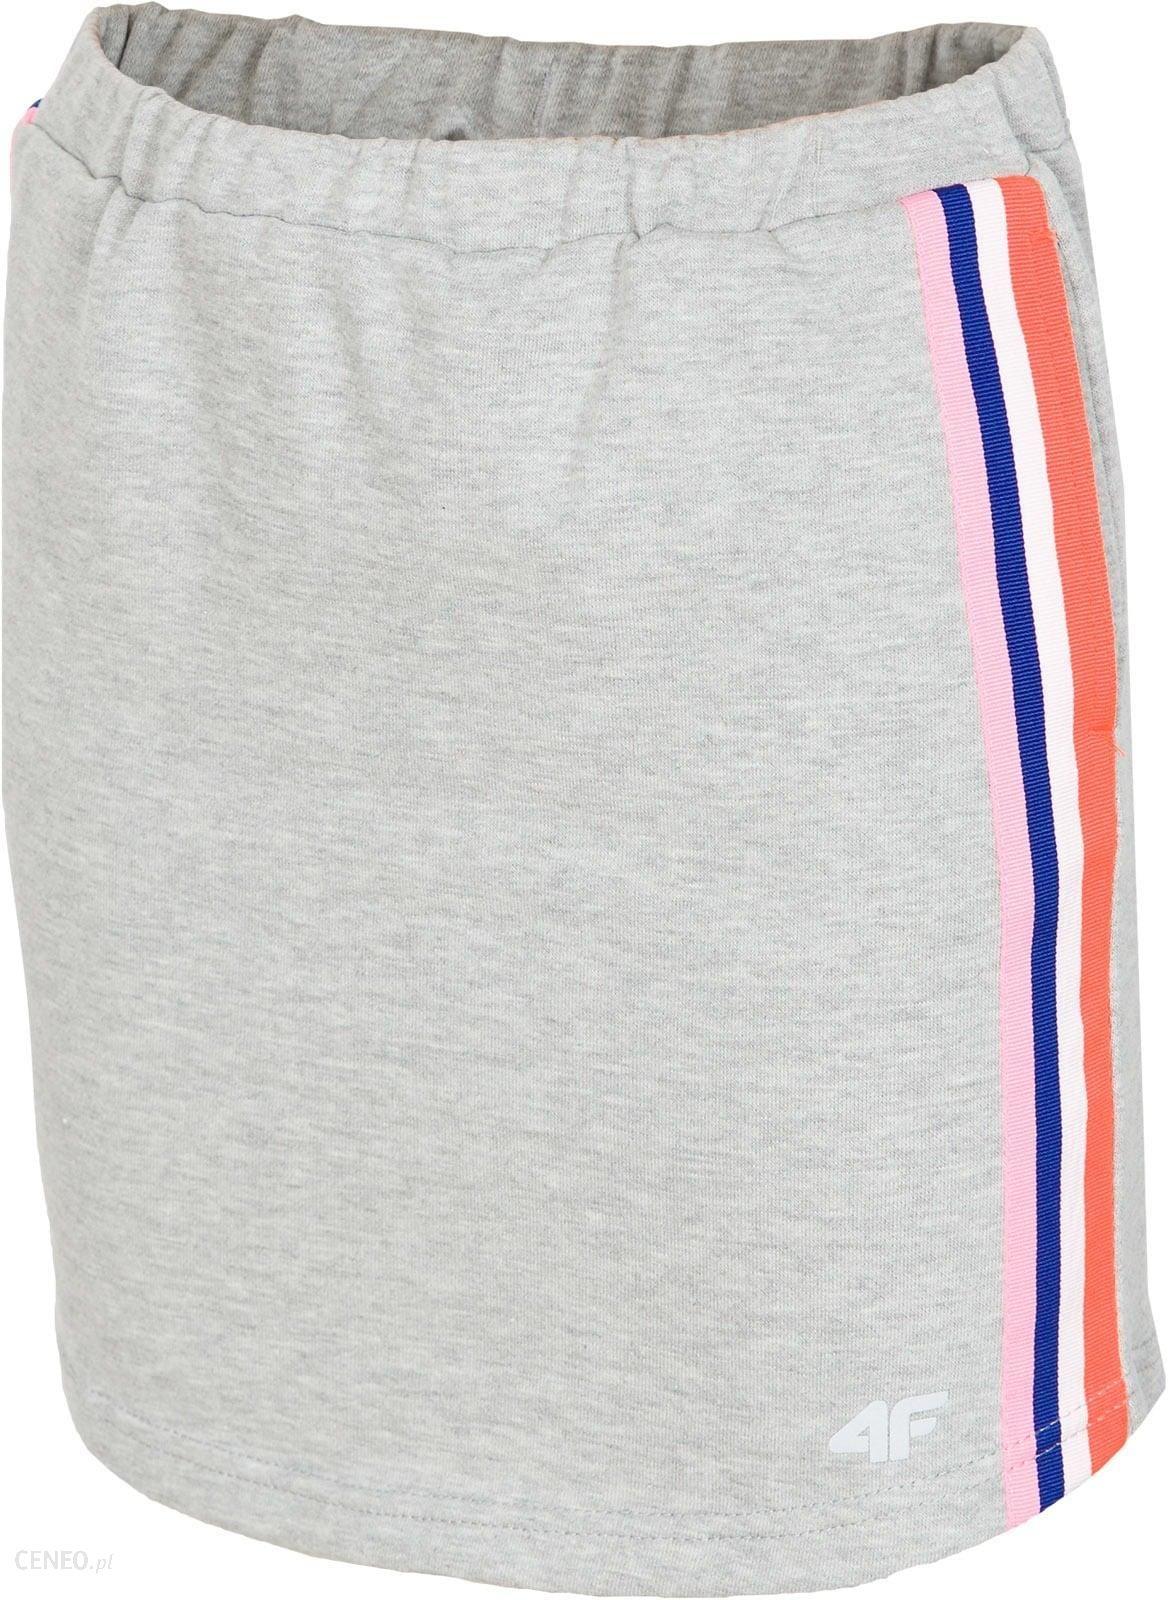 58a0690c32 Spódniczka dresowa dla dużych dziewcząt JSPUD203 - szary melanż - zdjęcie 1